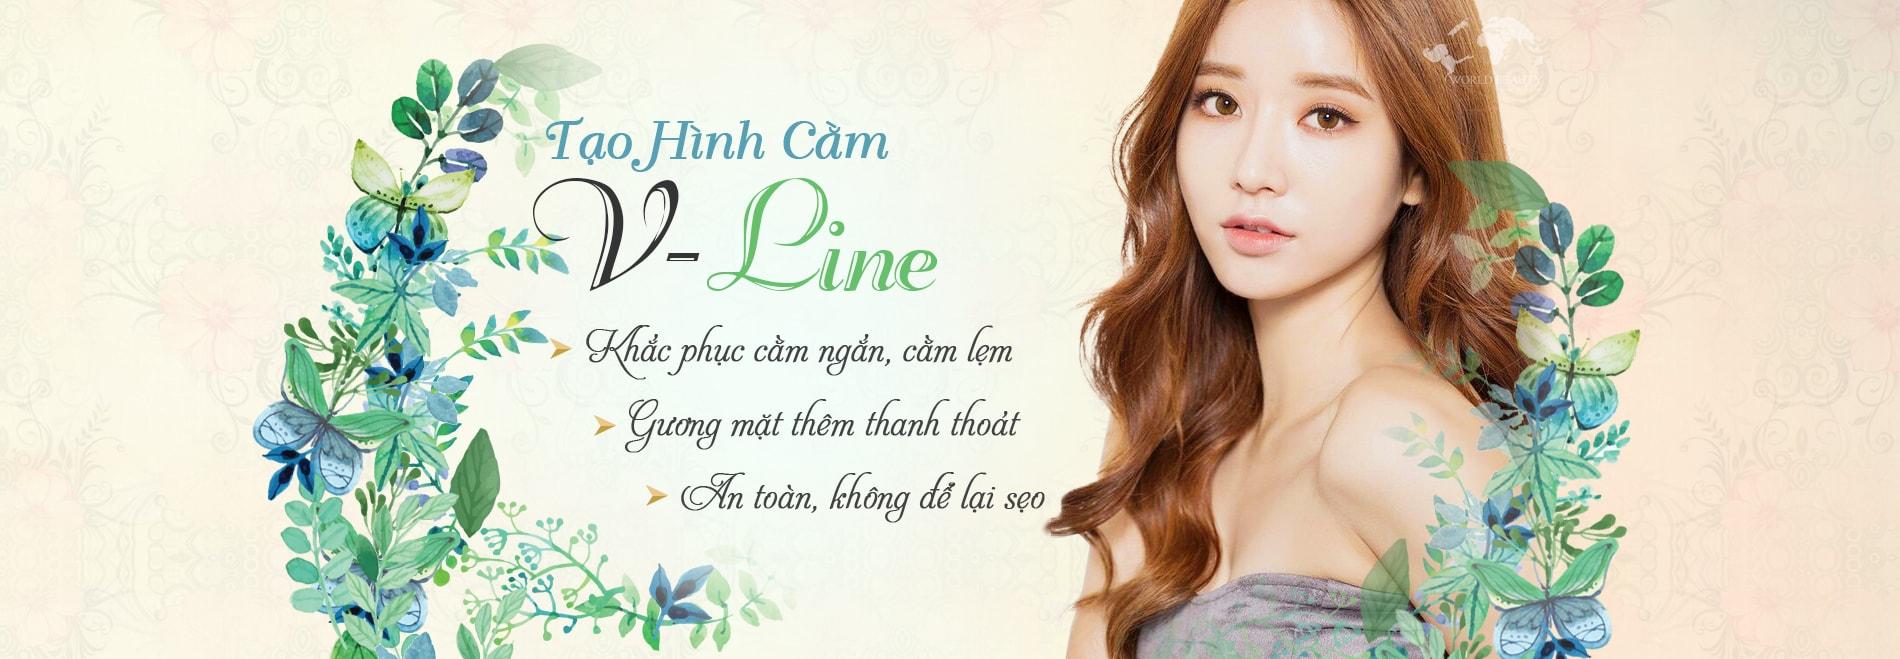 Tao-Hinh-V-Line-TheGioiDep-min